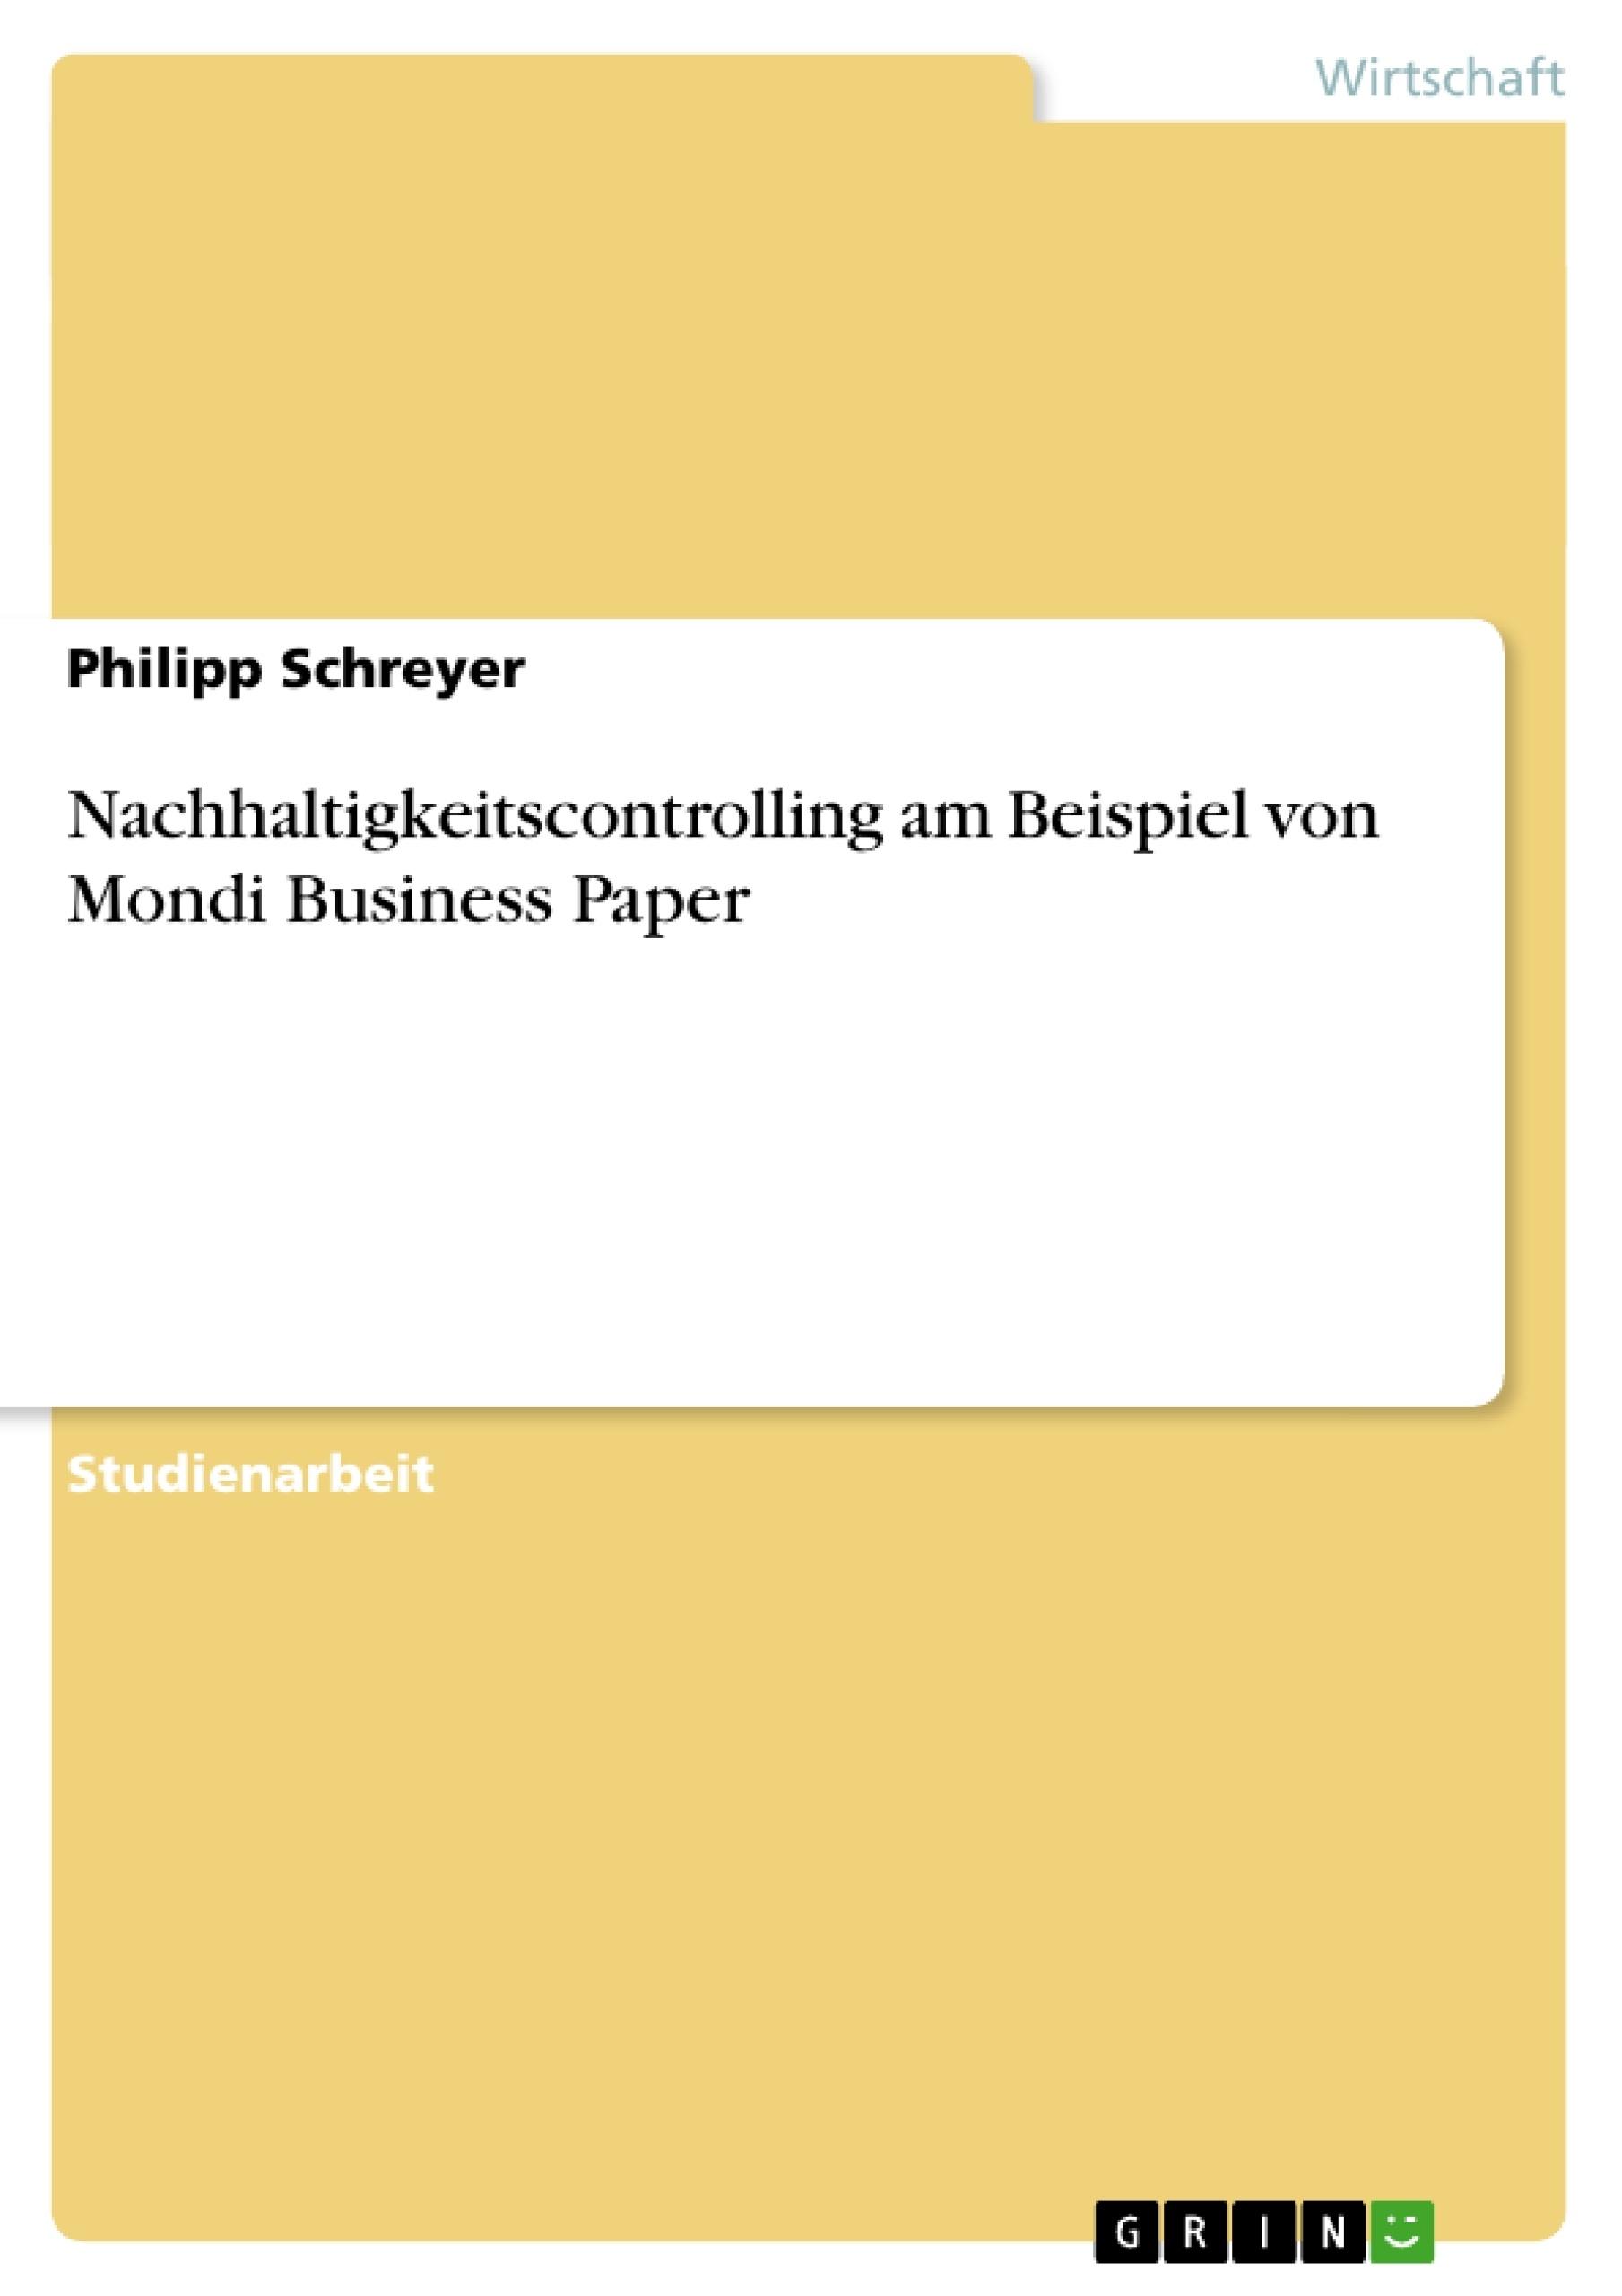 Titel: Nachhaltigkeitscontrolling am Beispiel von Mondi Business Paper